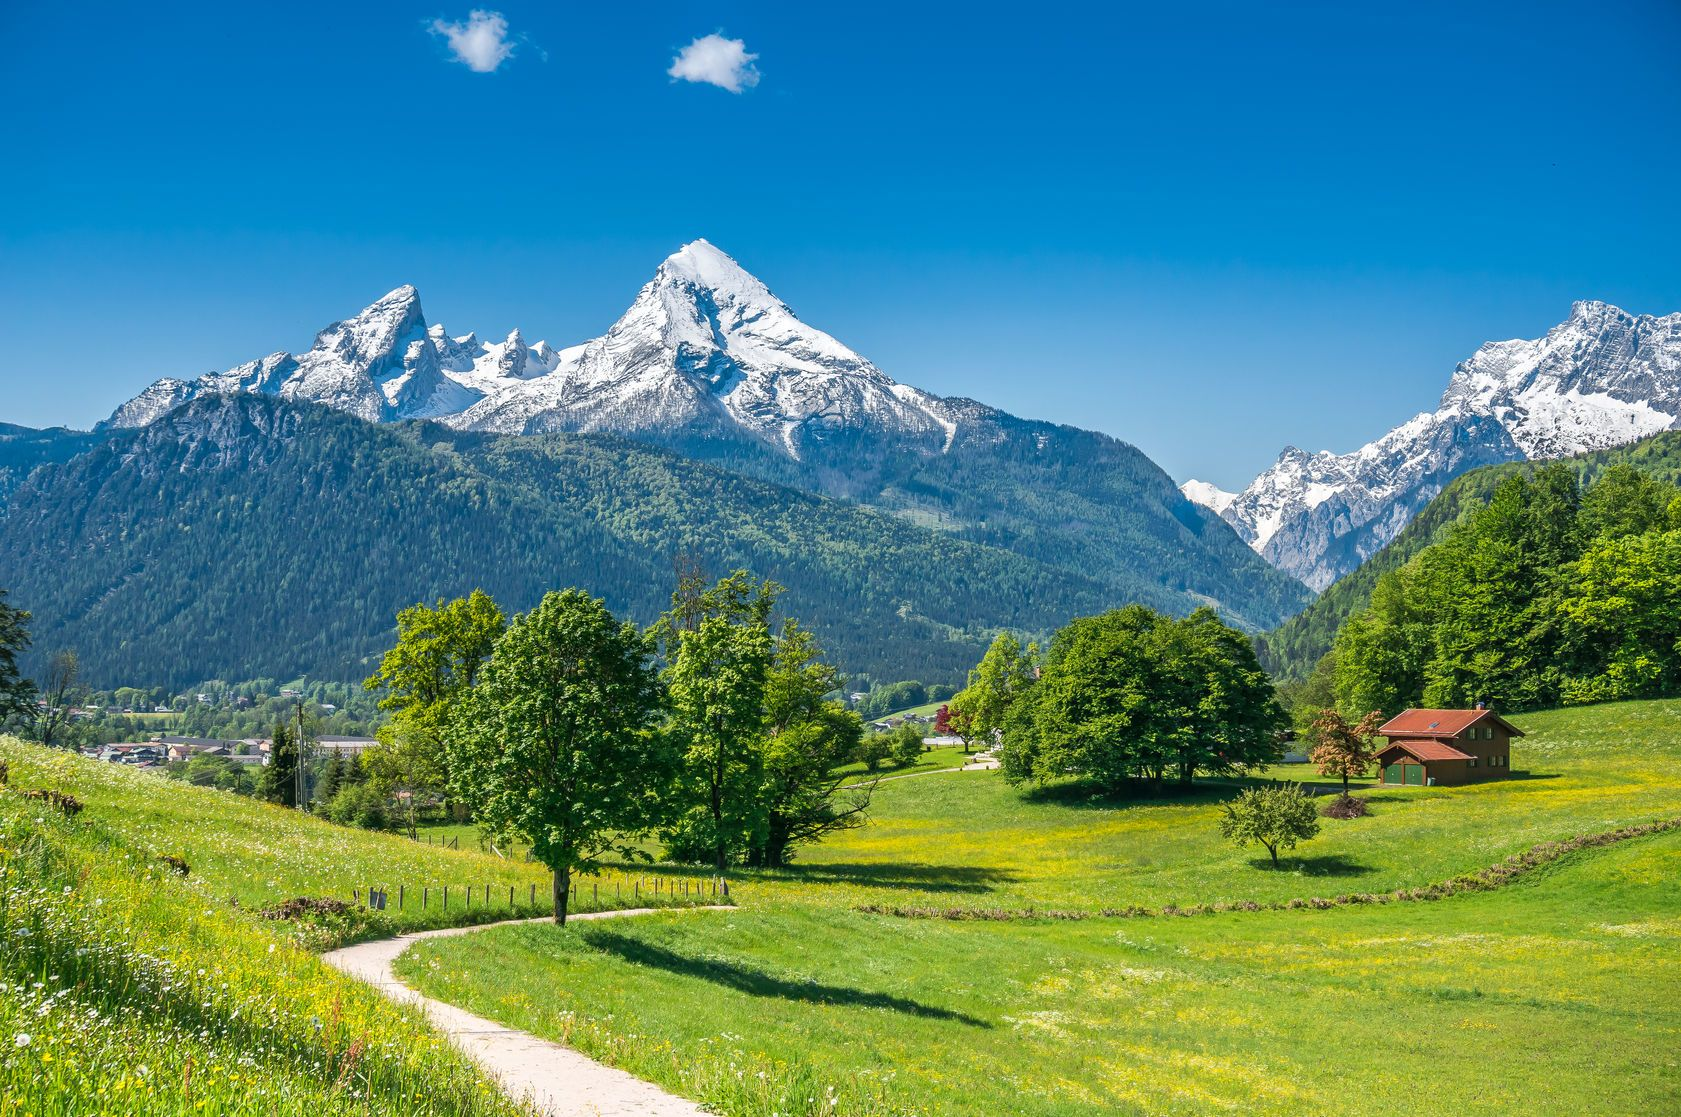 Letní krajina v německých Alpách | jakobradlgruber/123RF.com